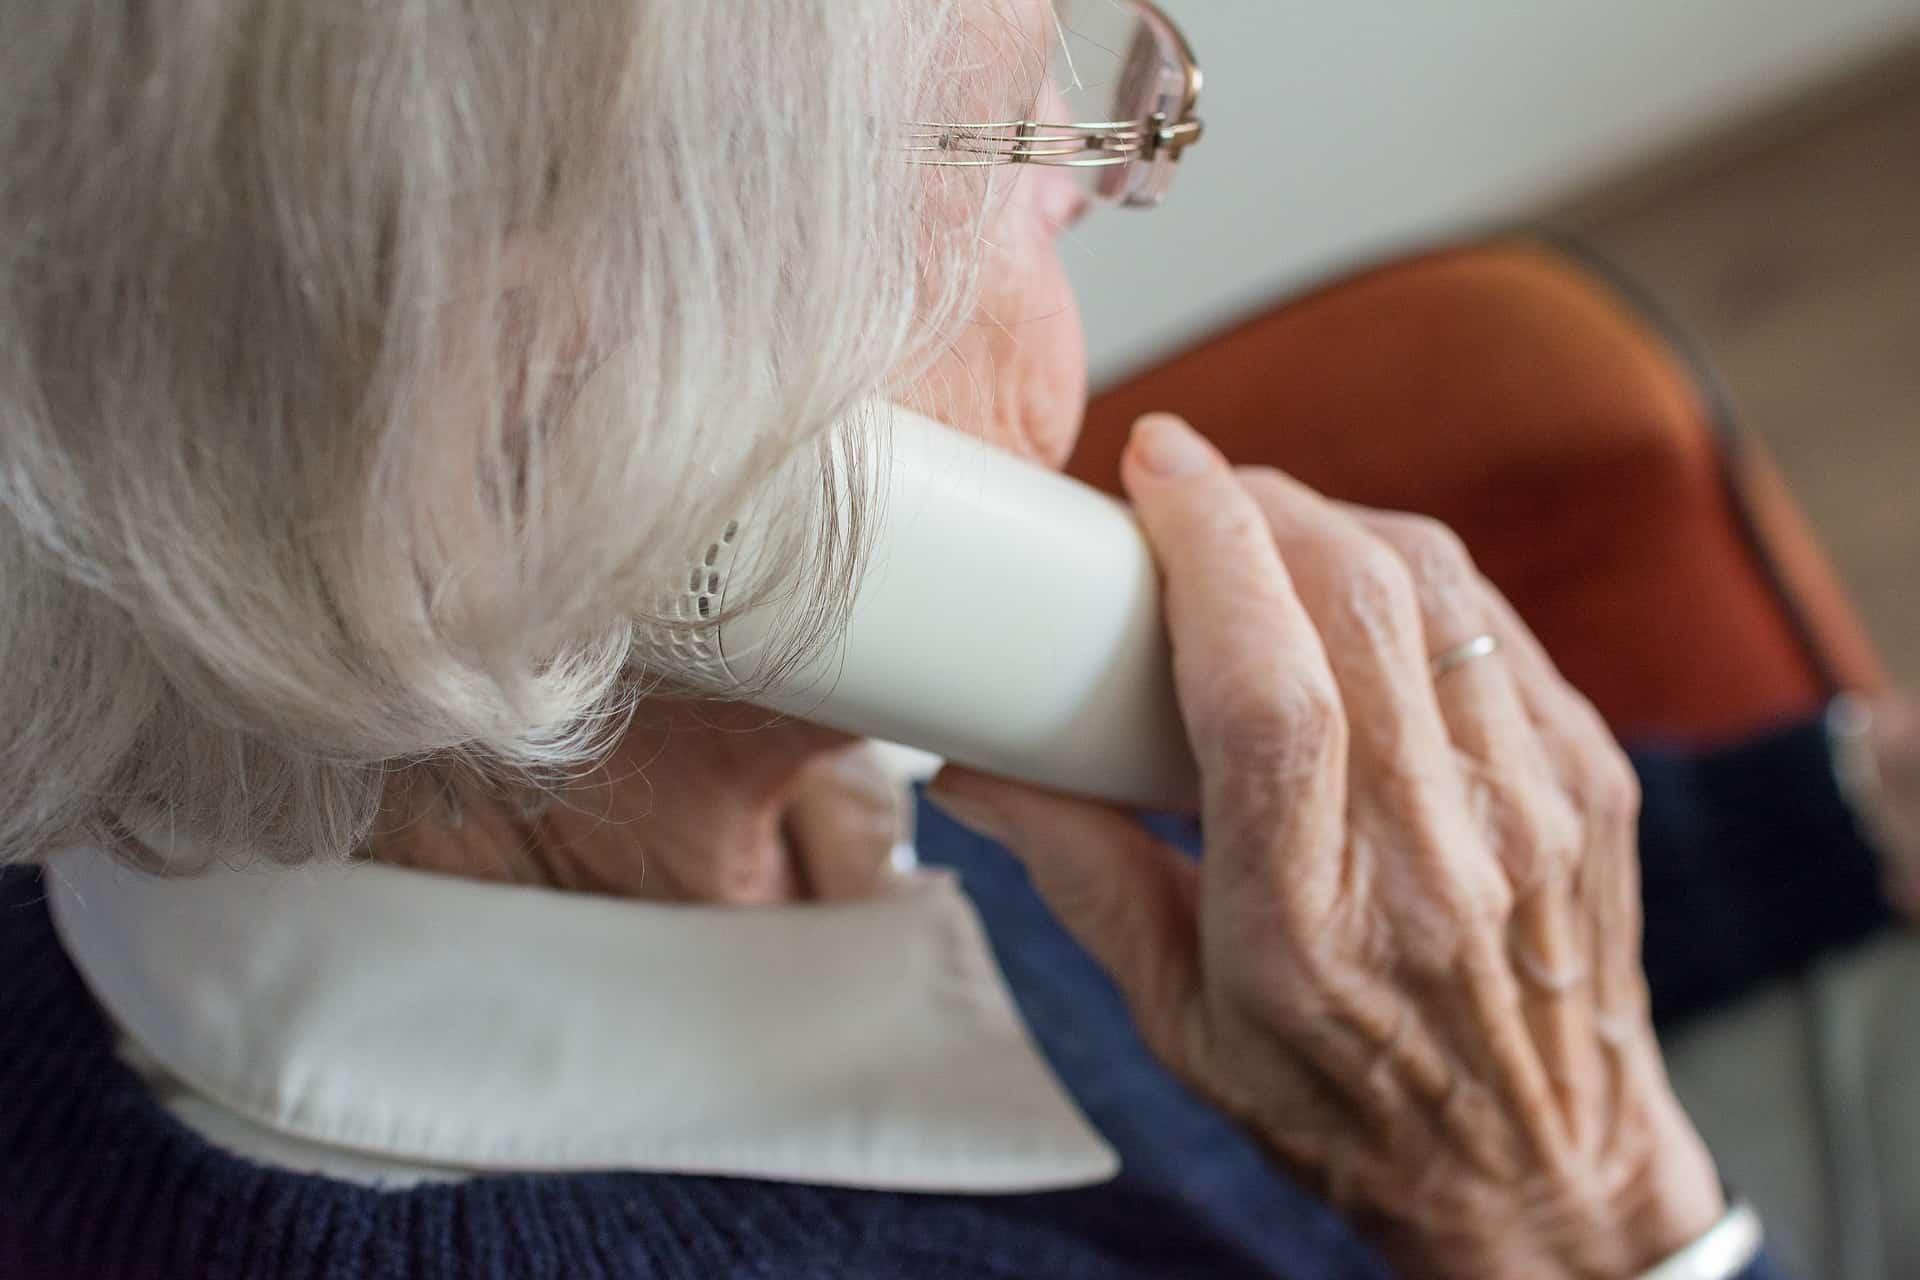 סבתא על הגובה, צילום אילוסטרציה